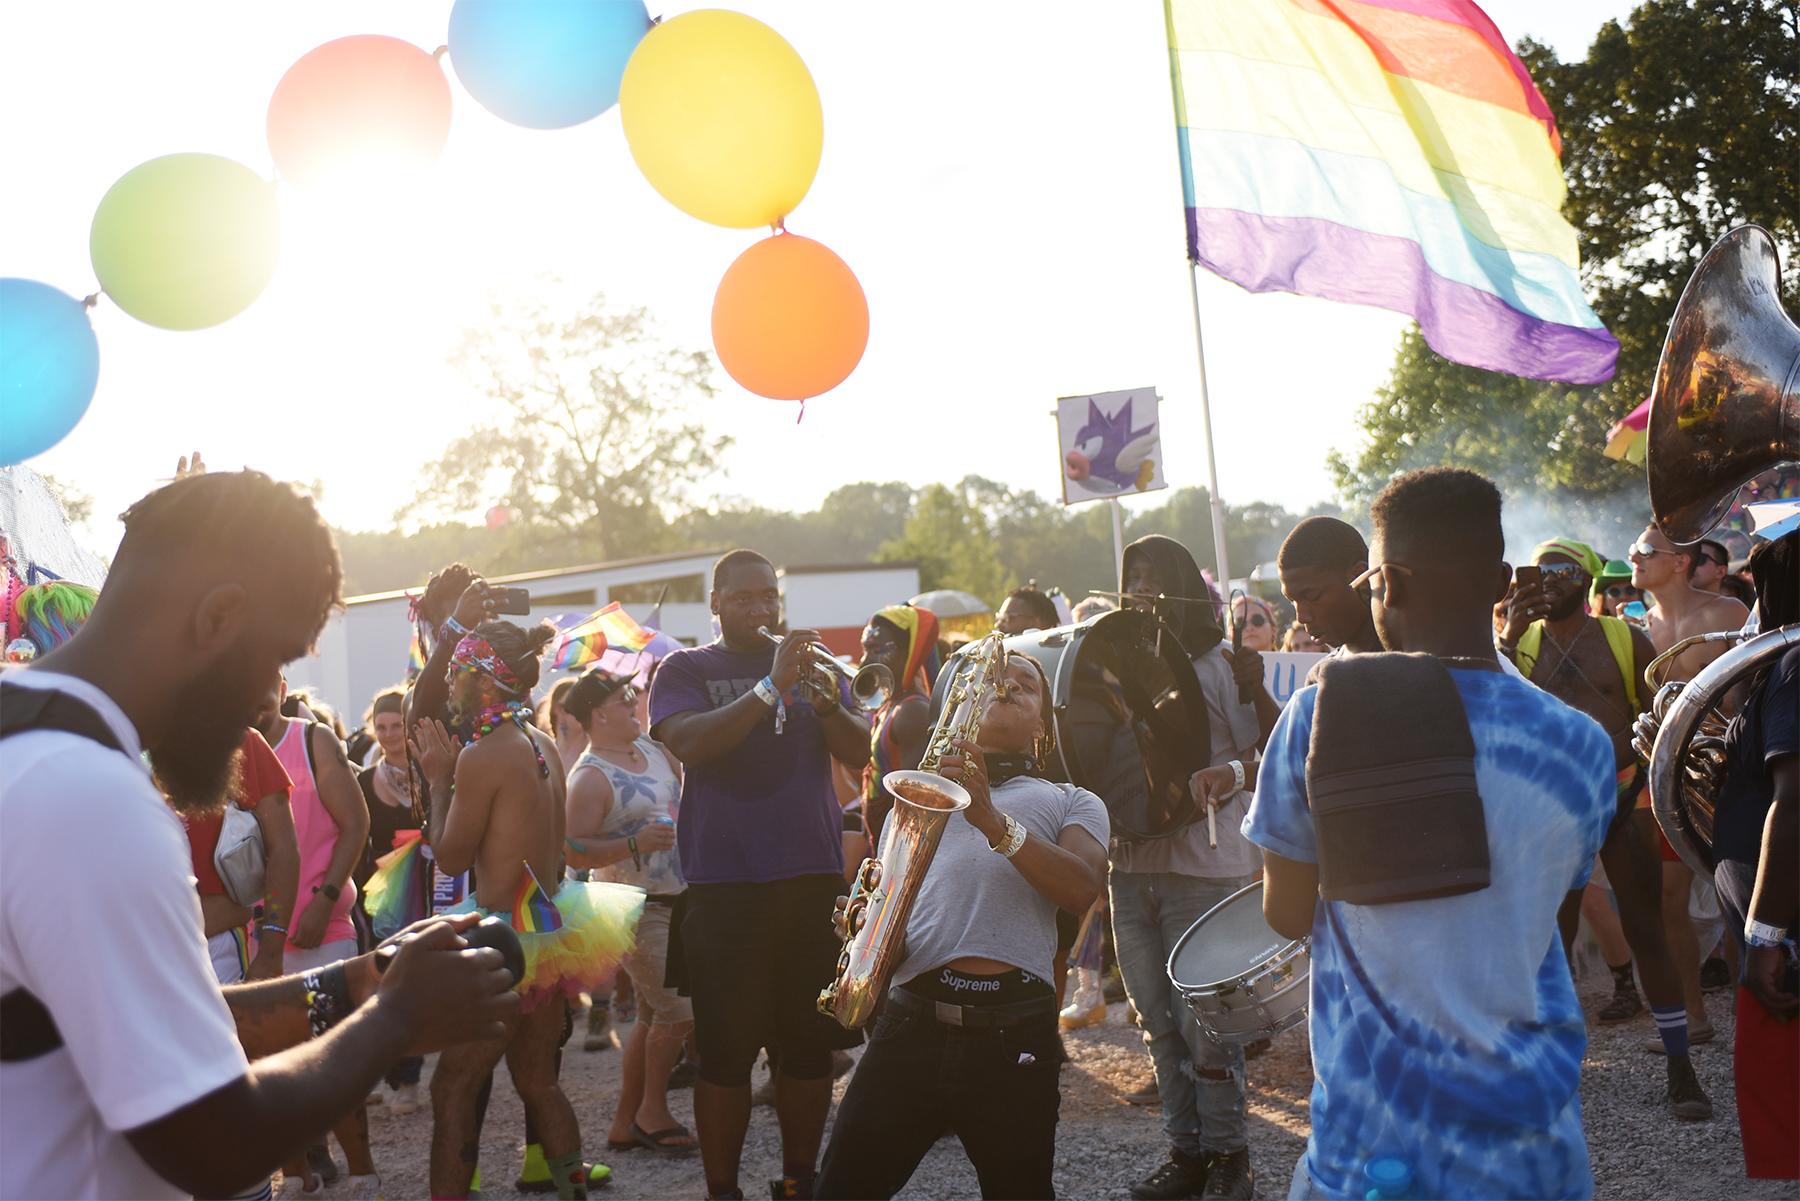 roo pride_06web.jpg